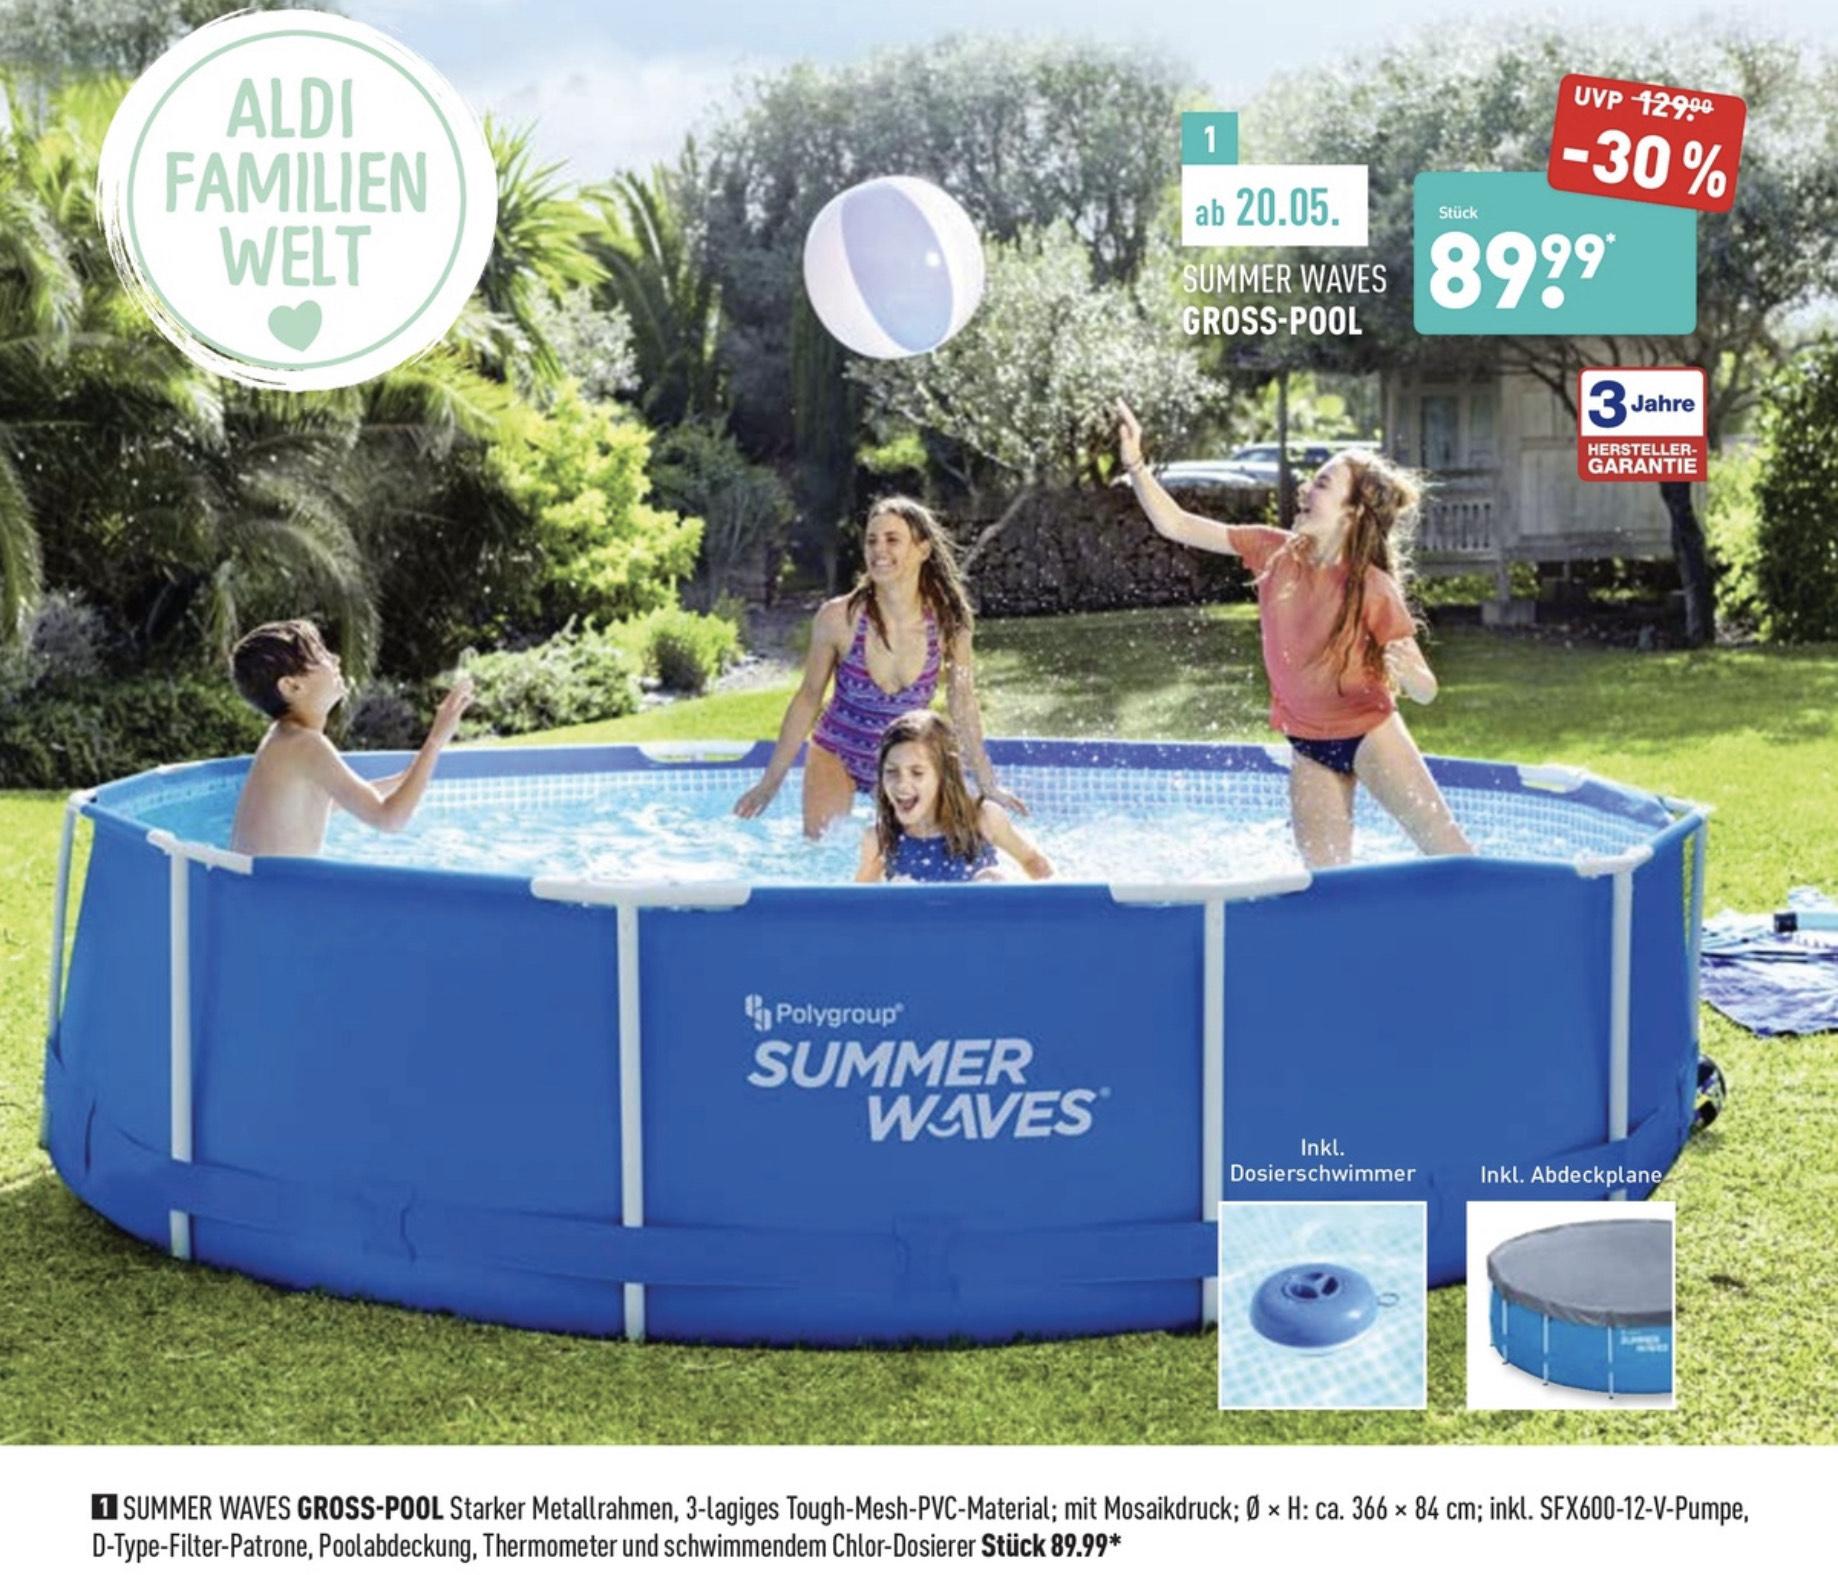 [Aldi bundesweit] Summer Waves Swimming Pool 366x84cm, inkl. Pumpe und weiterem Zubehör + 3 Jahre Garantie für 89,99€